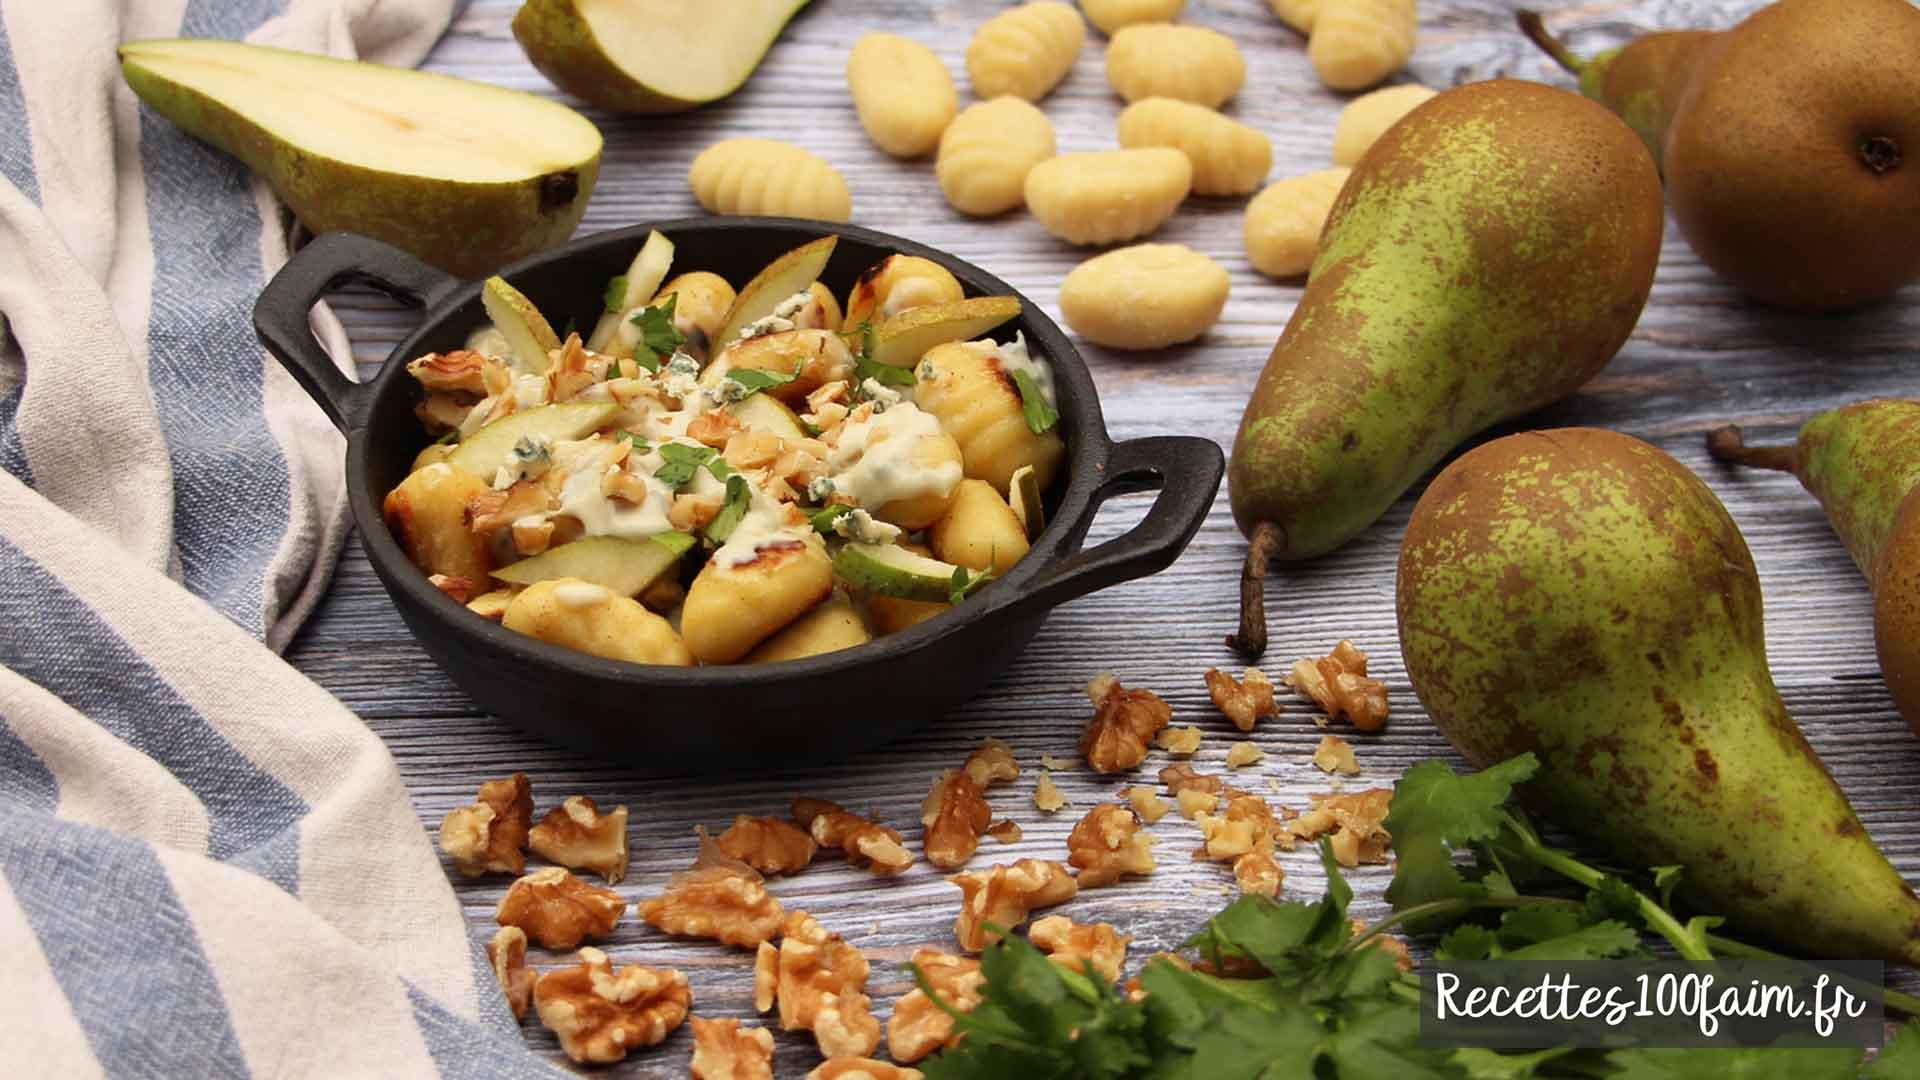 recette gnocchis bleu poire noix